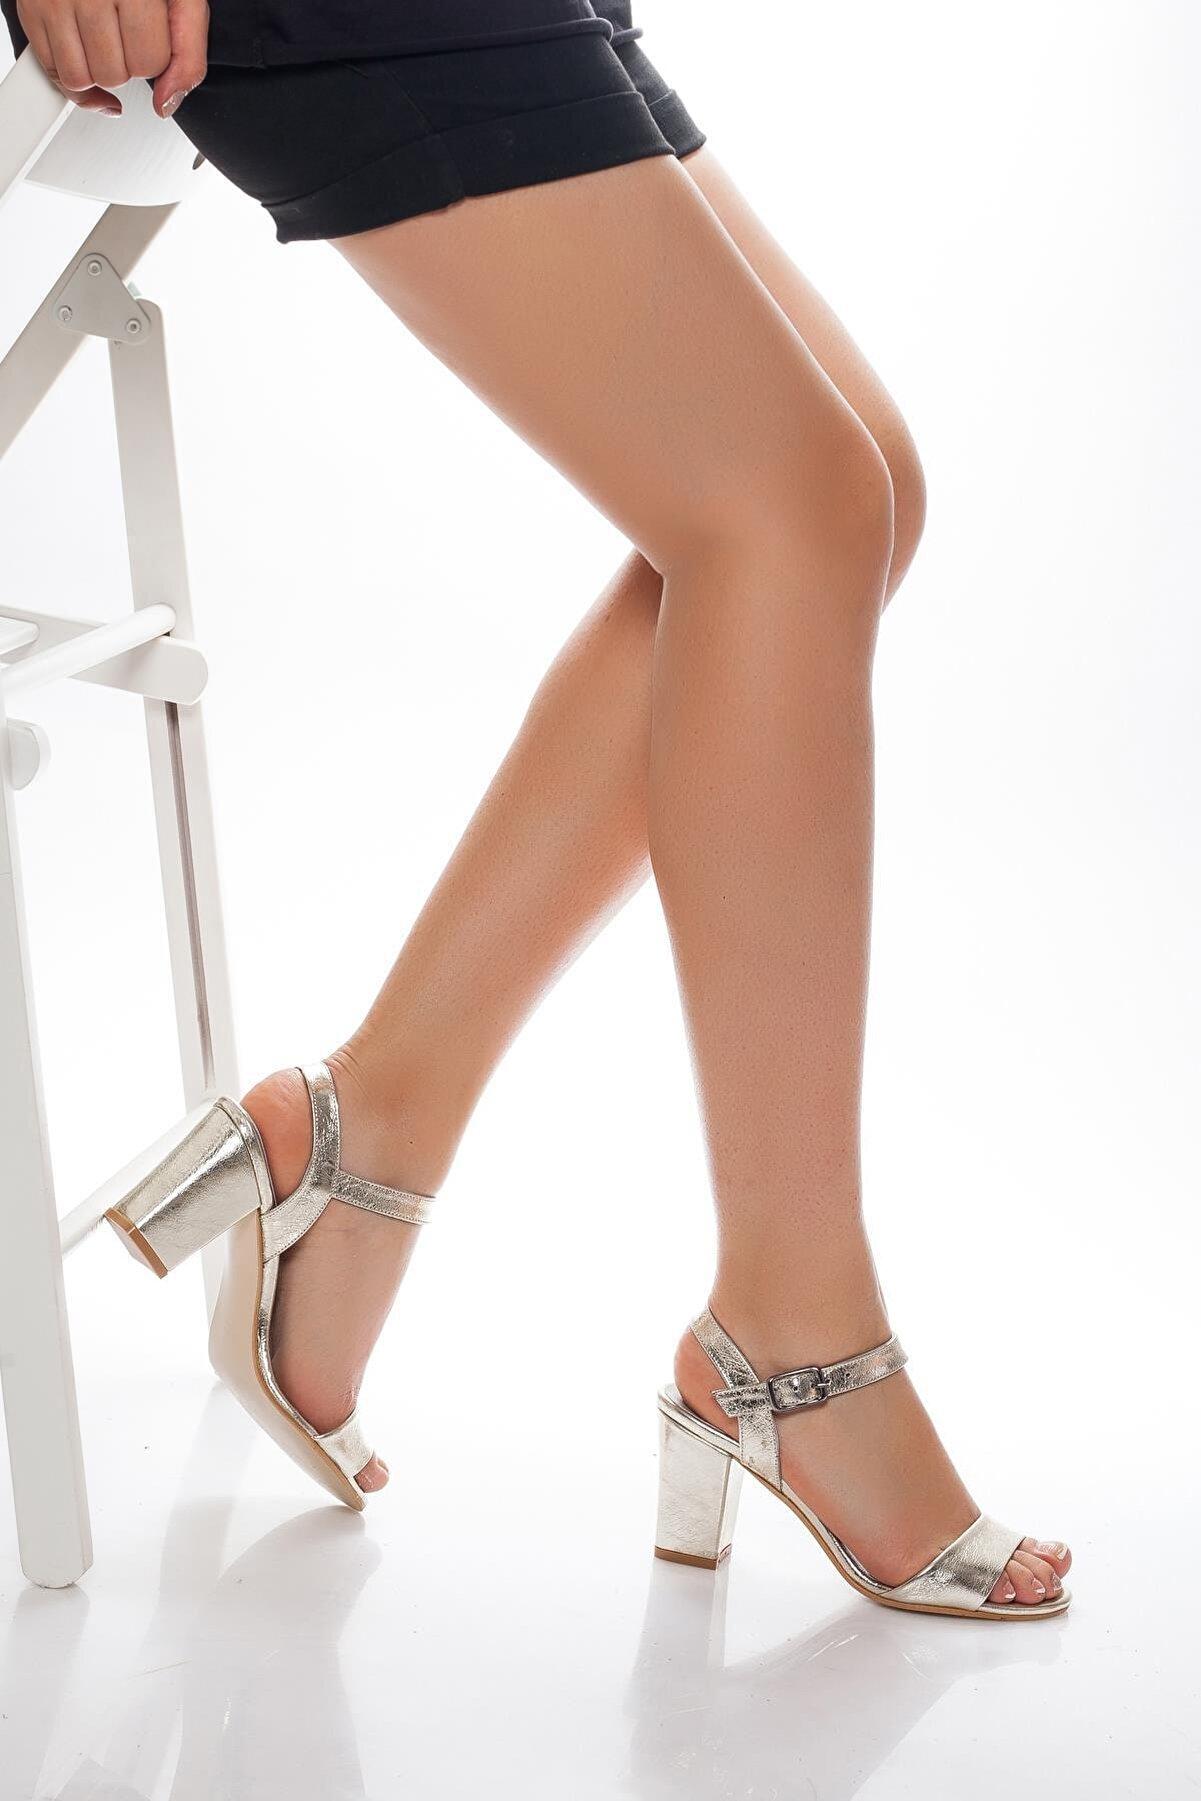 Deripabuc Hakiki Deri Altın Kadın Topuklu Deri Ayakkabı Shn-0032